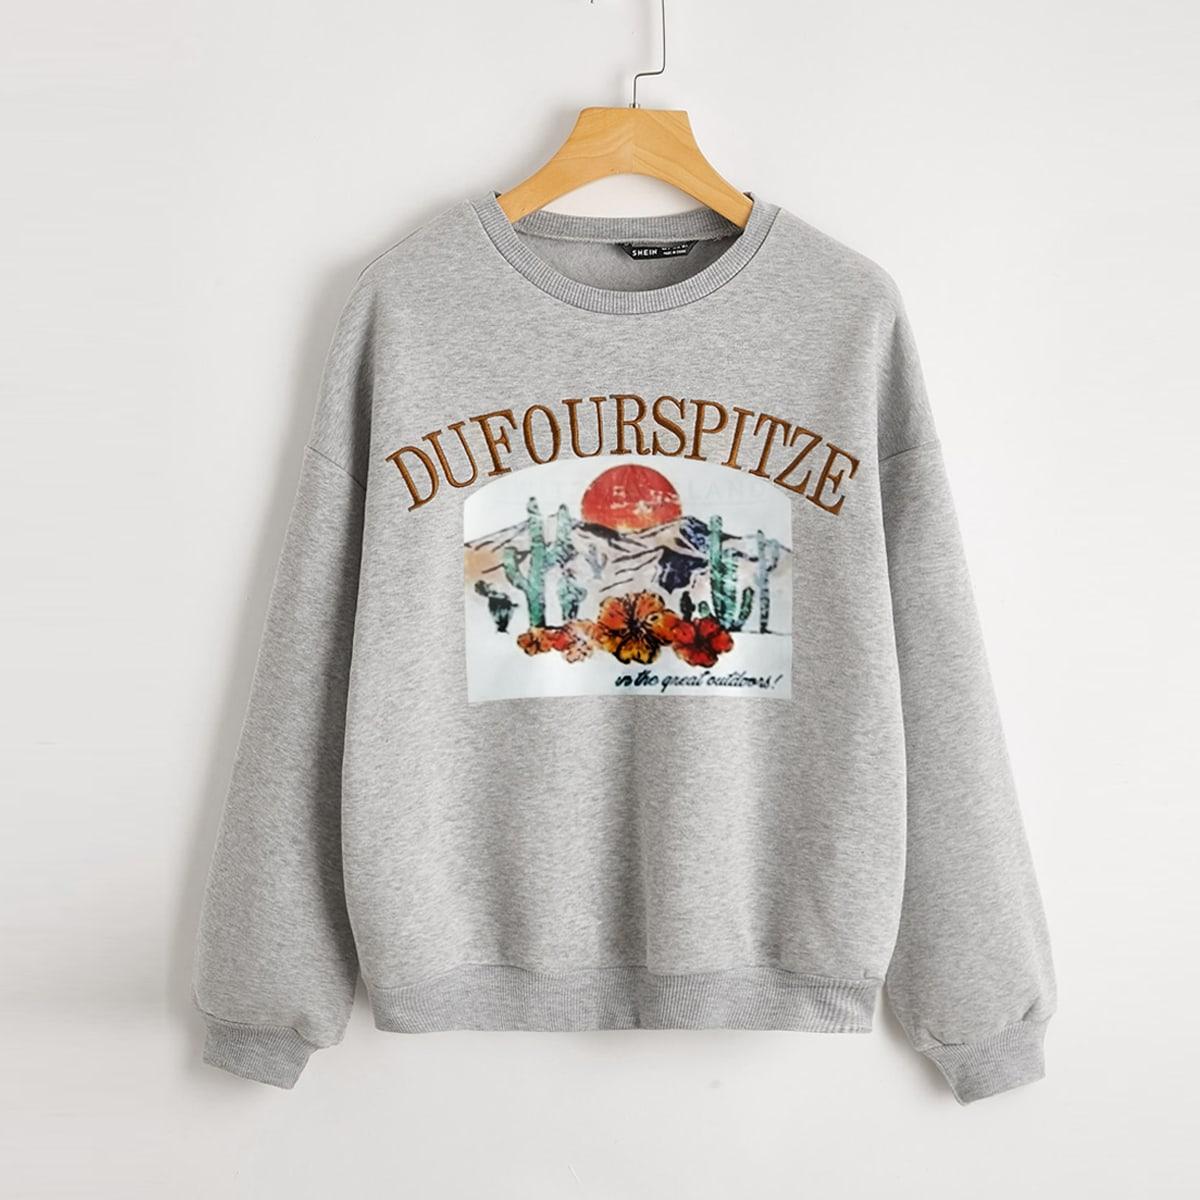 Пуловер с текстовой вышивкой